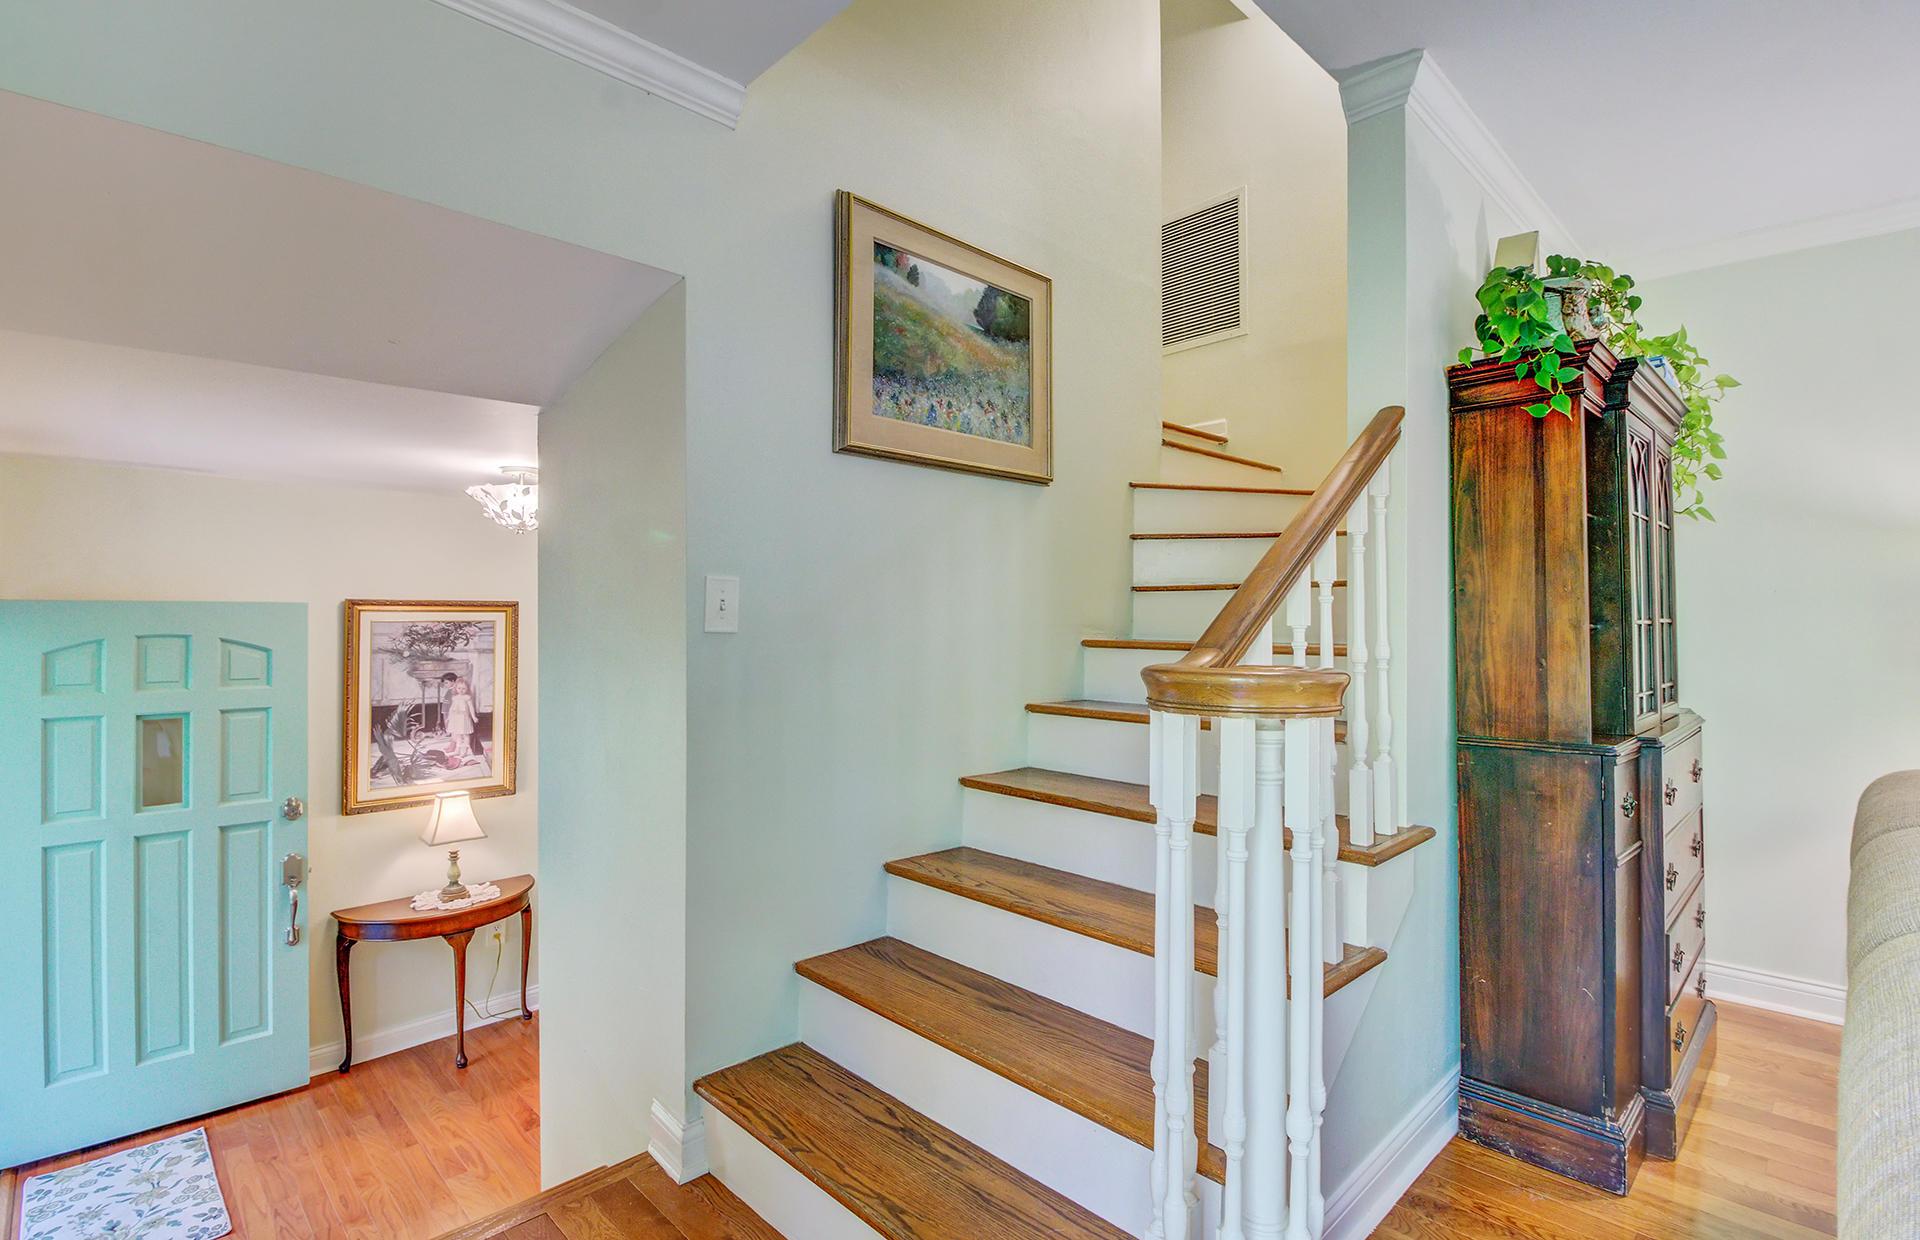 Pine Forest Inn Homes For Sale - 543 Simmons, Summerville, SC - 60